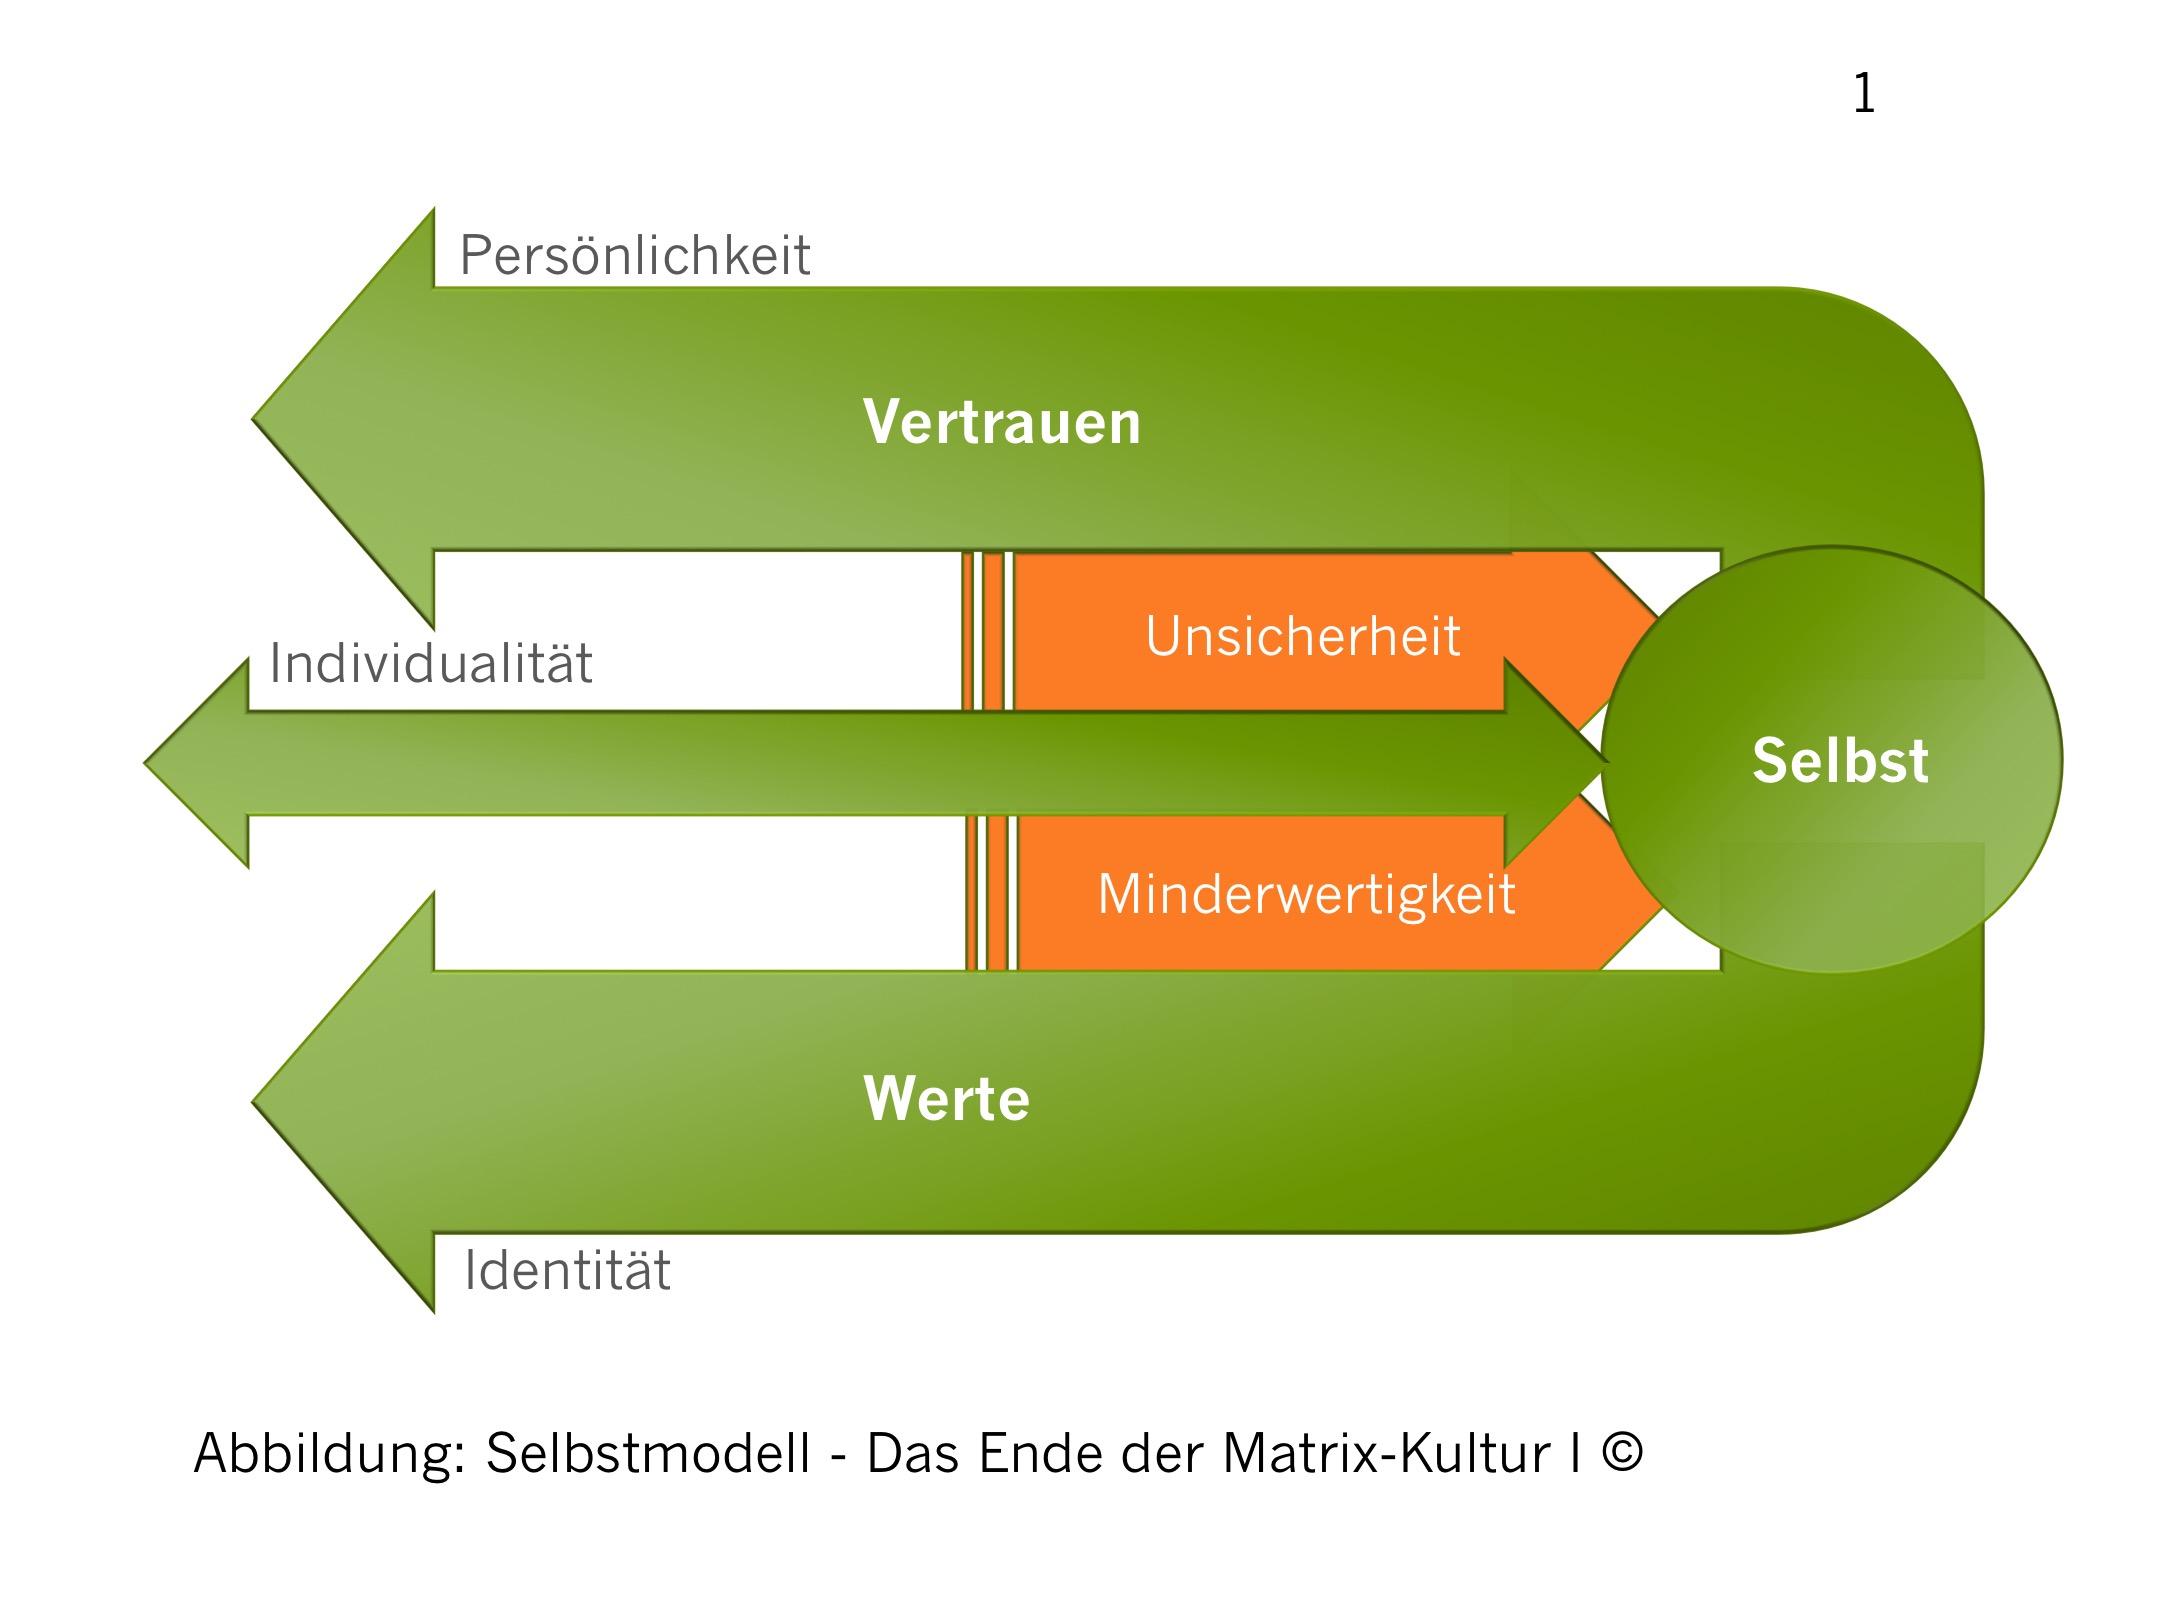 EDMK Selbstmodell